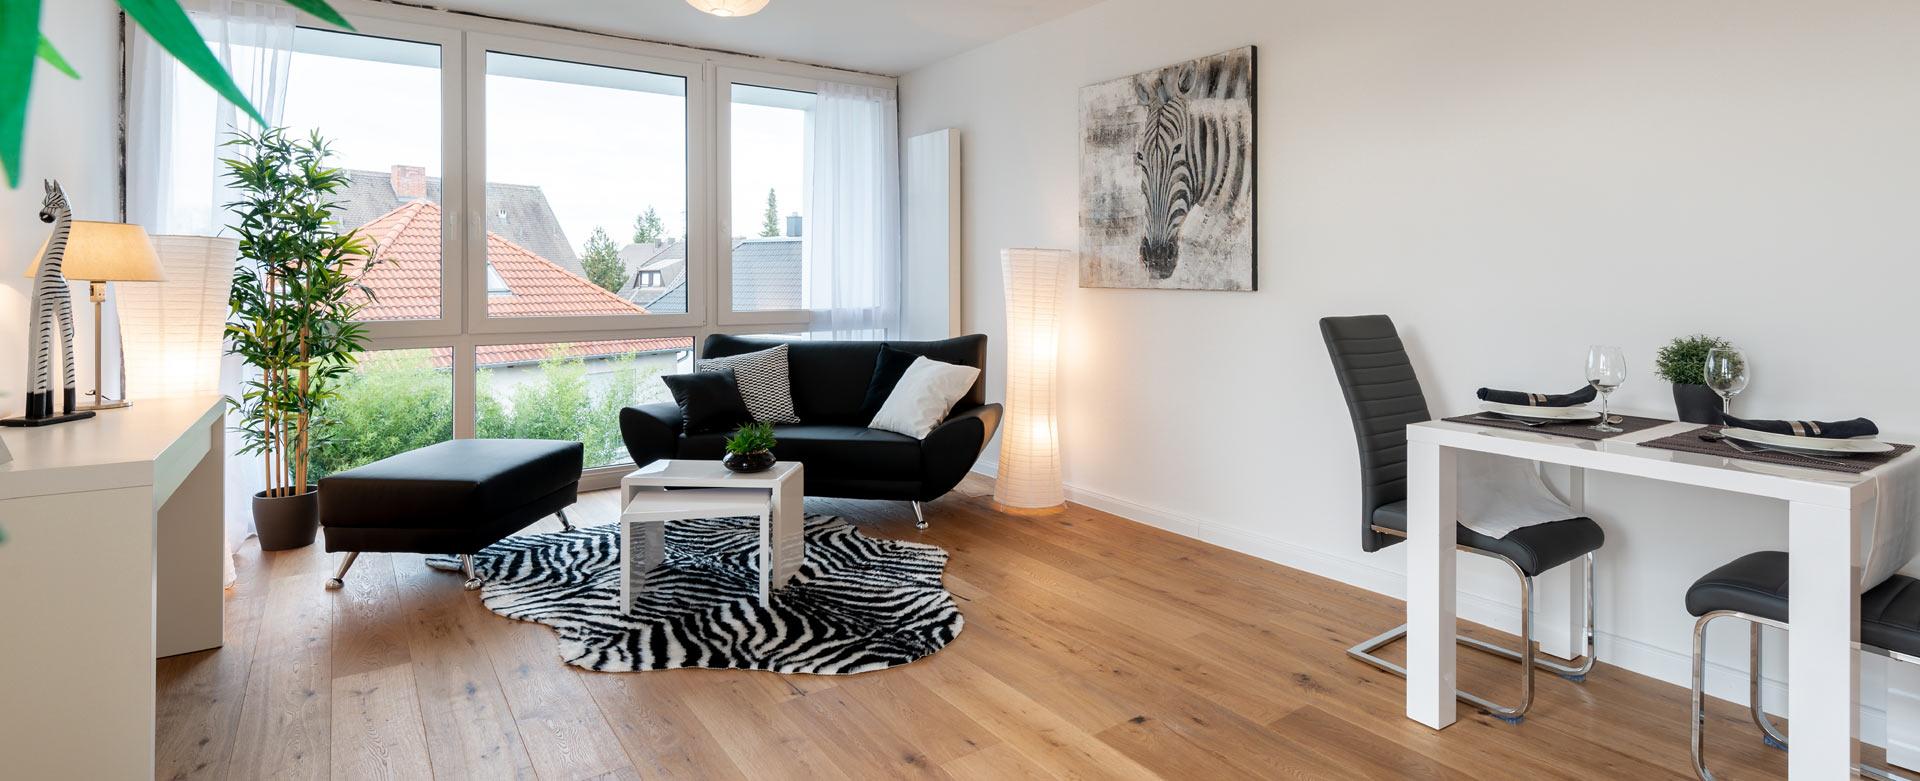 Moderne Wohnimpressionen